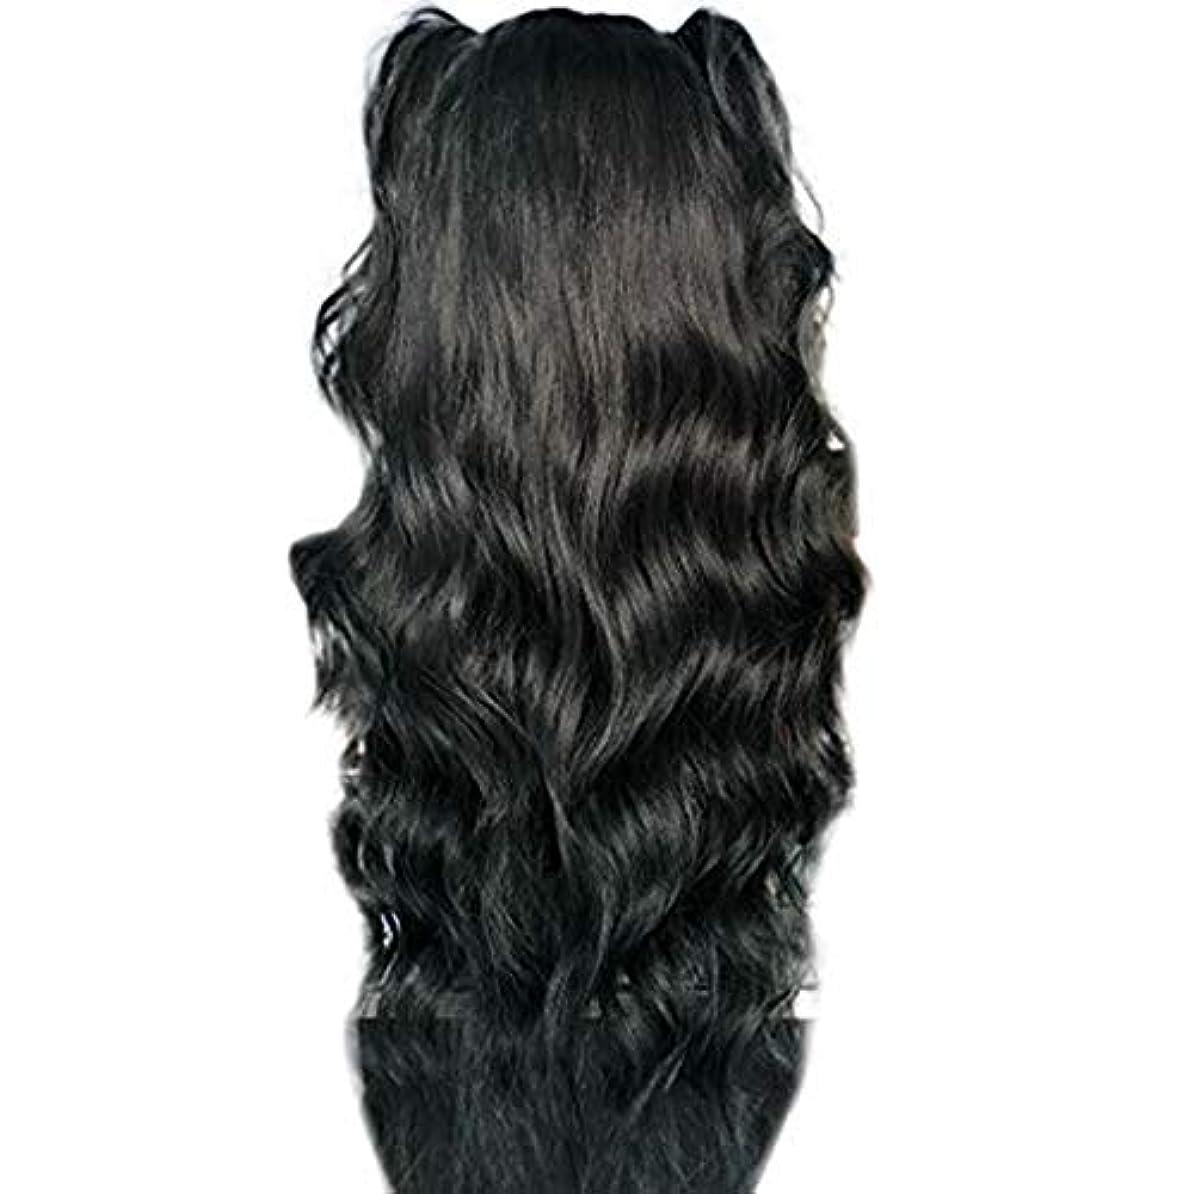 柔和有用マッシュかつら女性長い巻き毛の化学繊維高温シルクフロントレースかつら26インチ